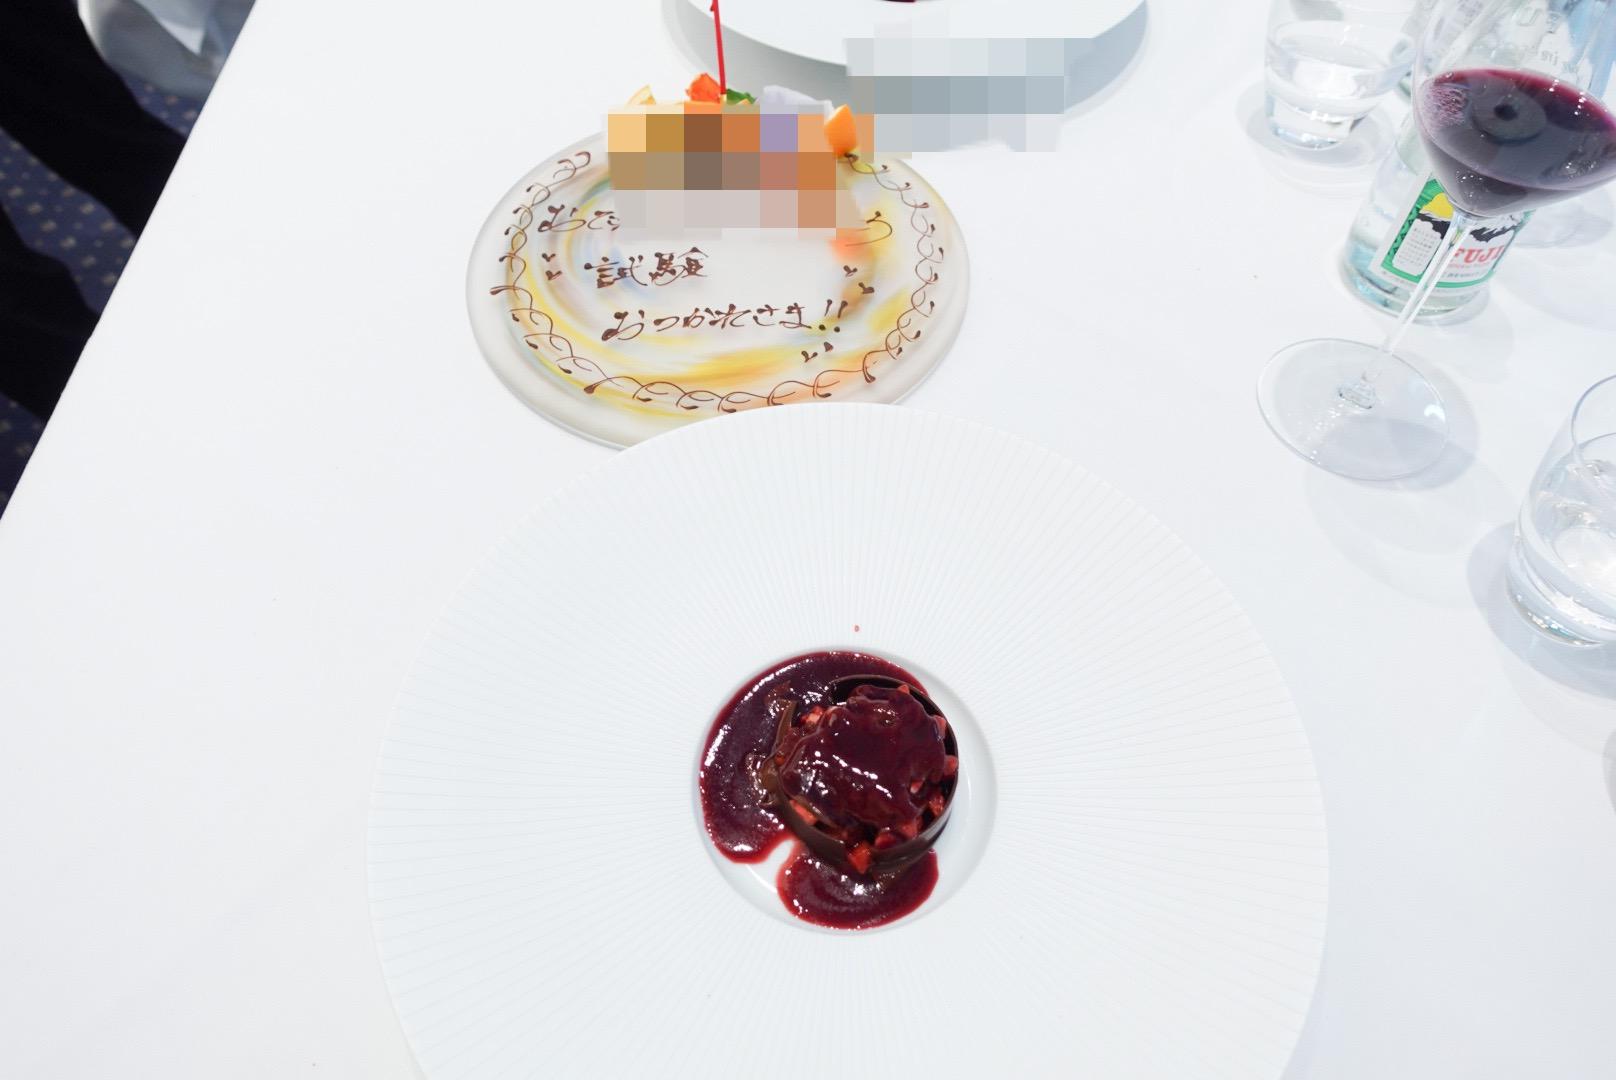 【大阪】エルメスの食器とクリストフルのカトラリーでいただくフレンチ「グランロシェ」でランチしてきた★お祝いやデート、女子会にもぴったり★【淀屋橋】_12